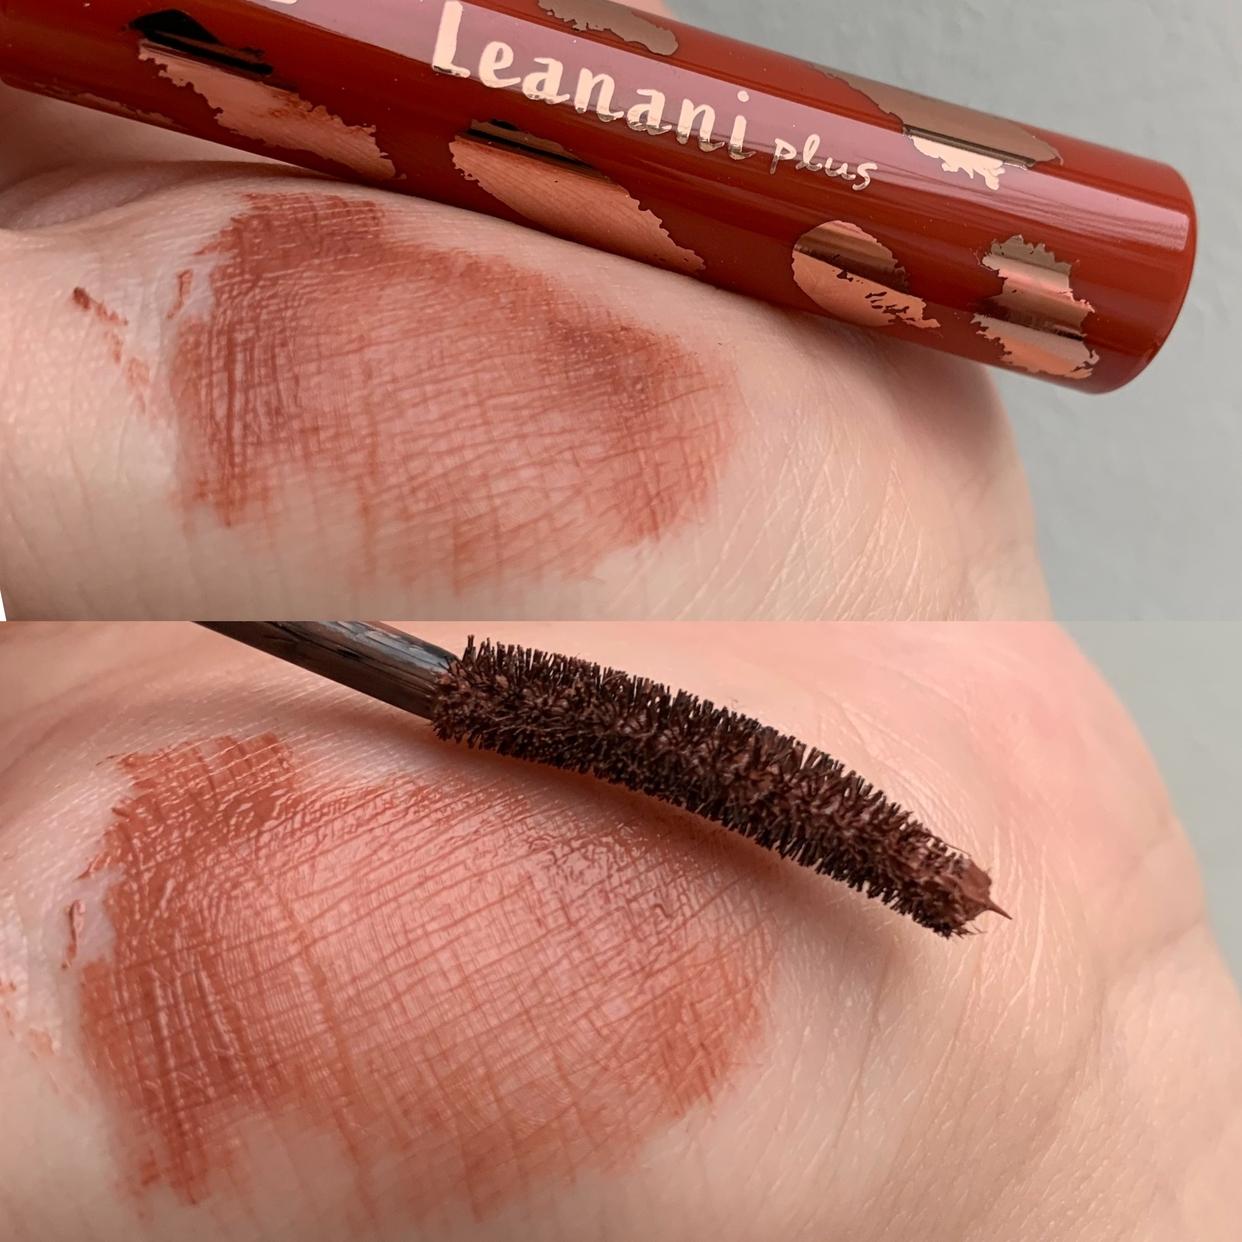 Leanani plus(レアナニ プラス) エクストラカール ロングマスカラを使ったきょうさんのクチコミ画像2